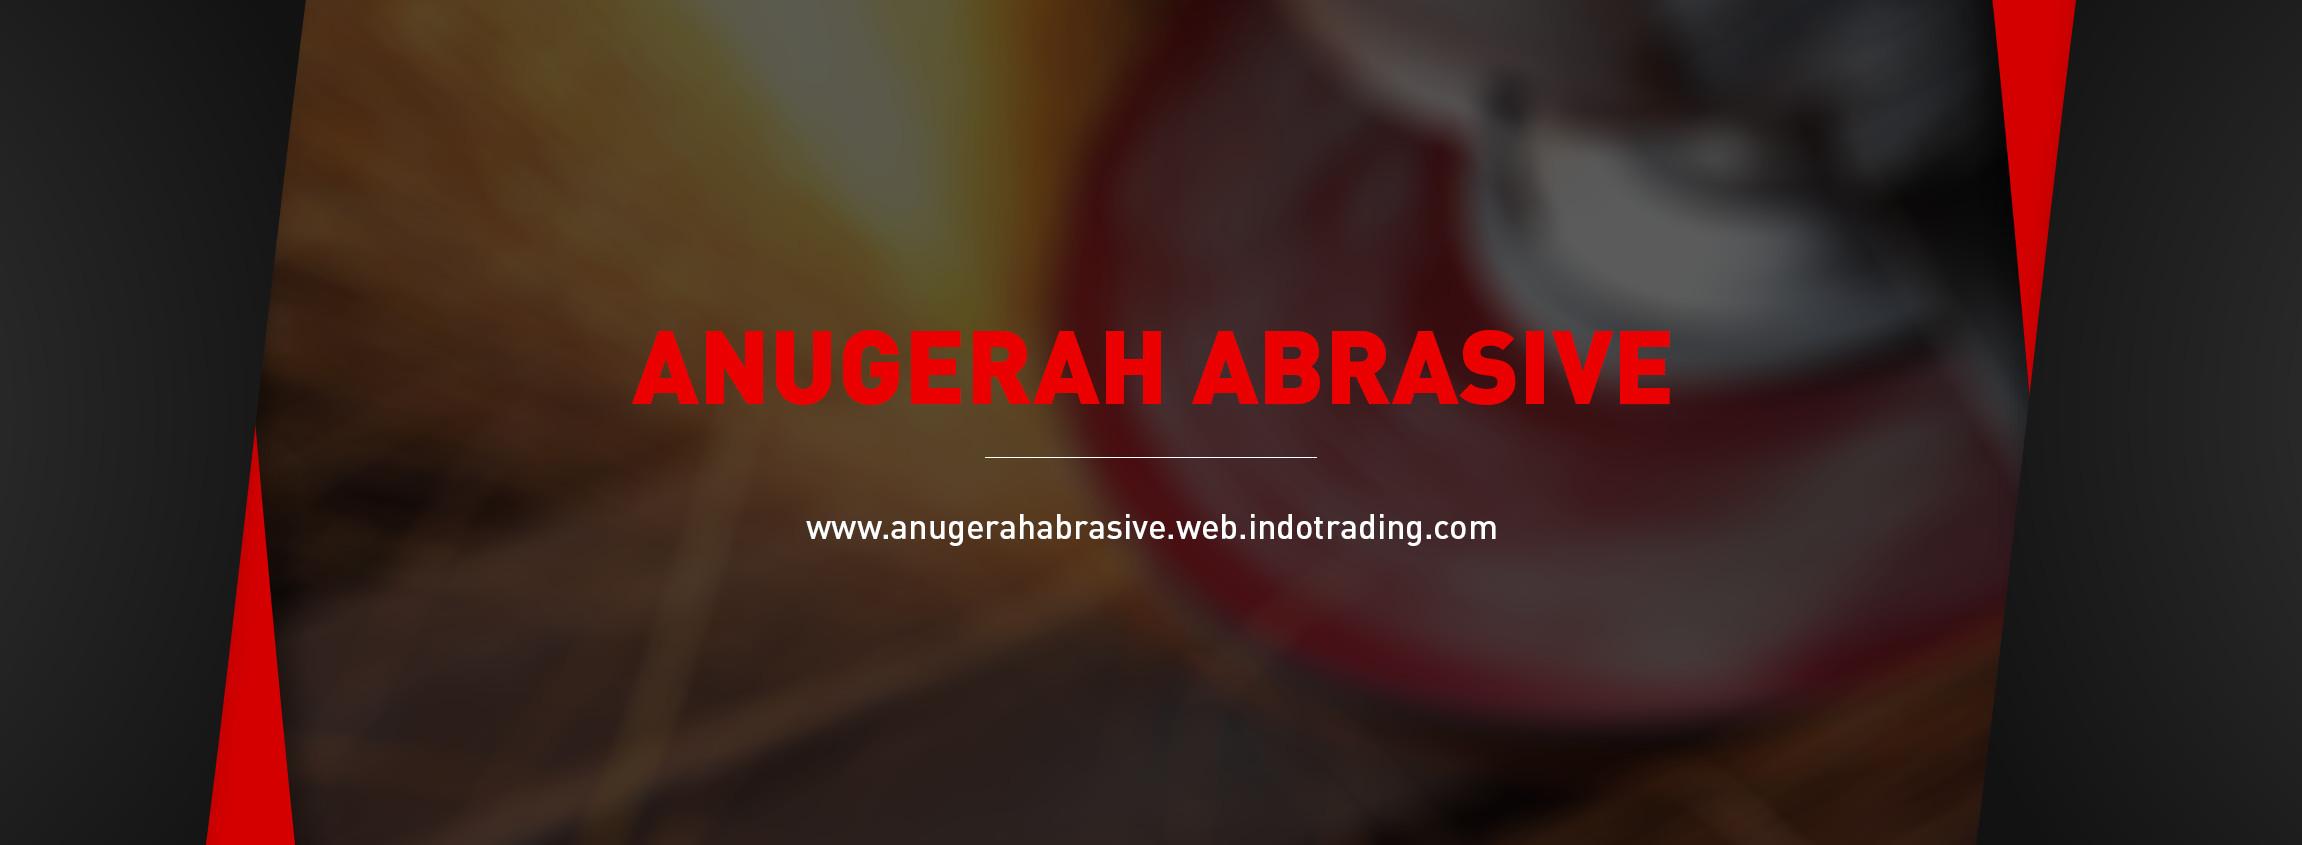 Anugerah Abrasive Jual Amplas Harga Murah Duco Kertas Paper Vpr